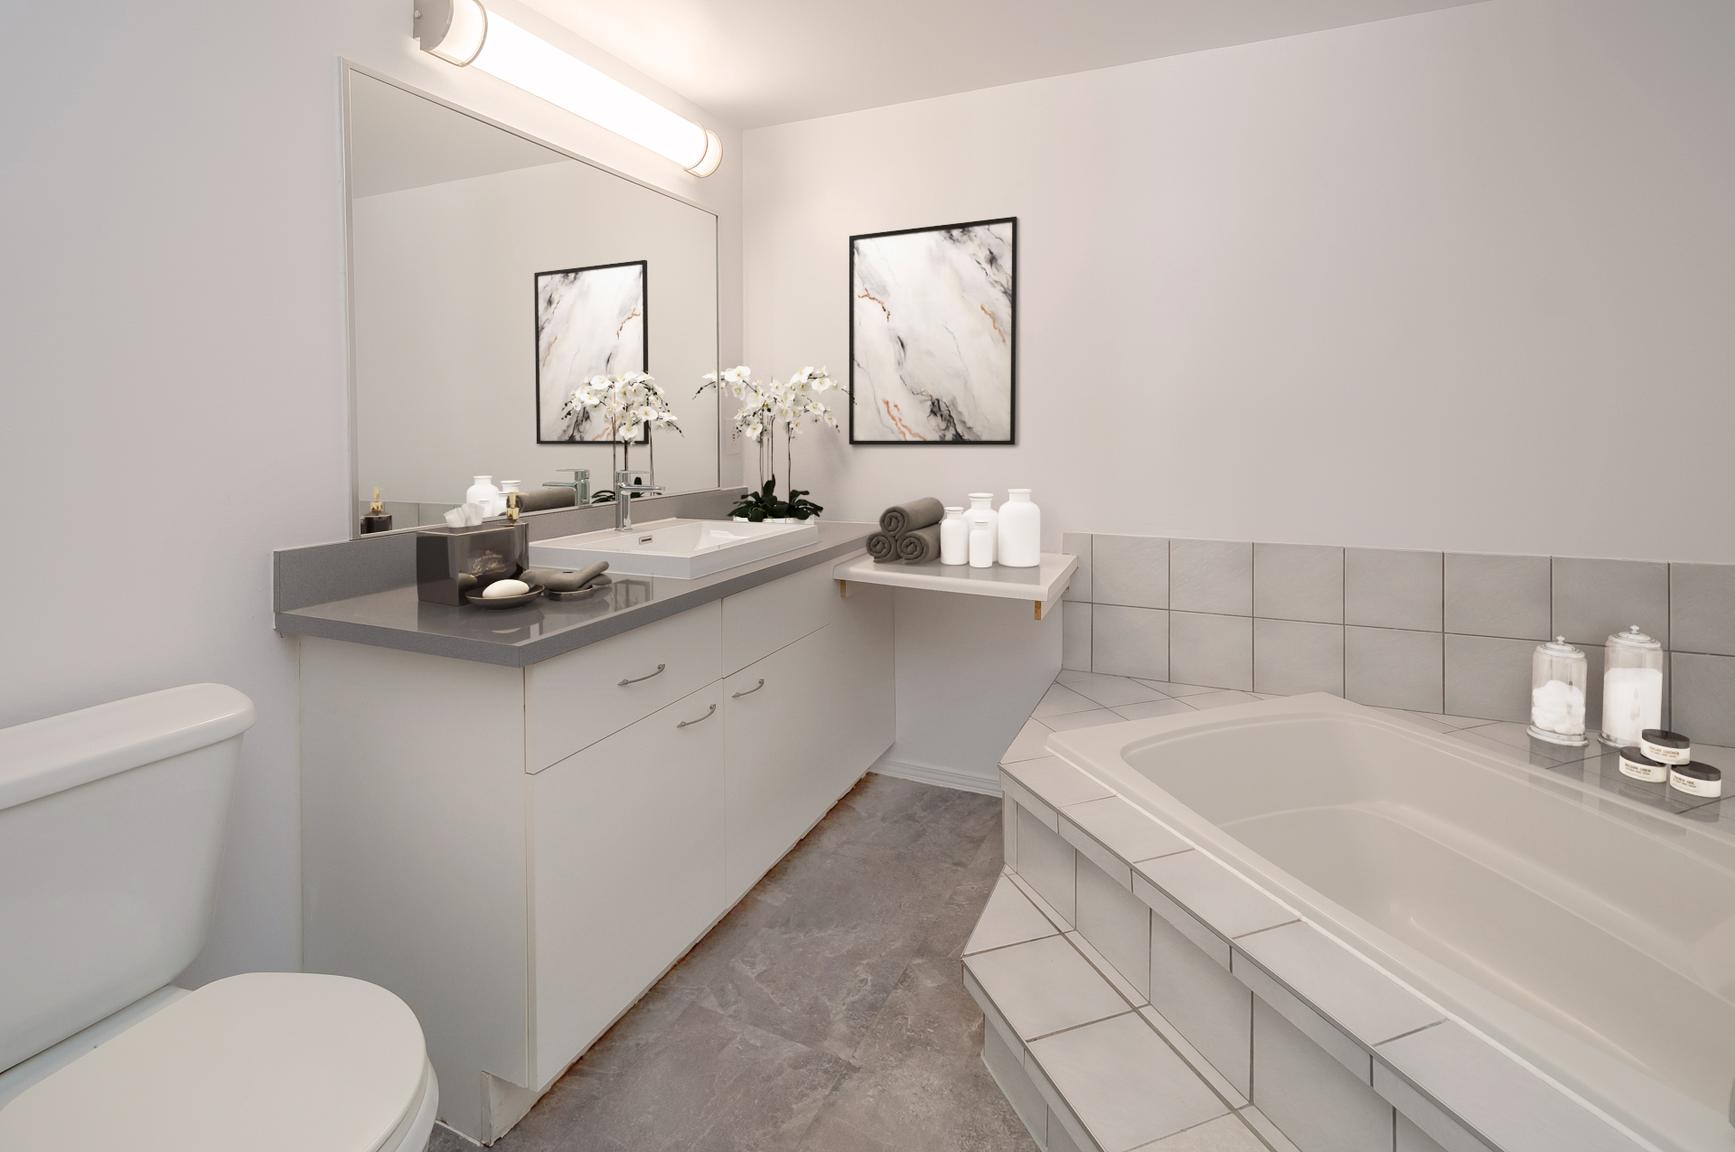 1 bedroom Apartments for rent in Quebec City at Les Appartements du Verdier - Photo 22 - RentersPages – L407123